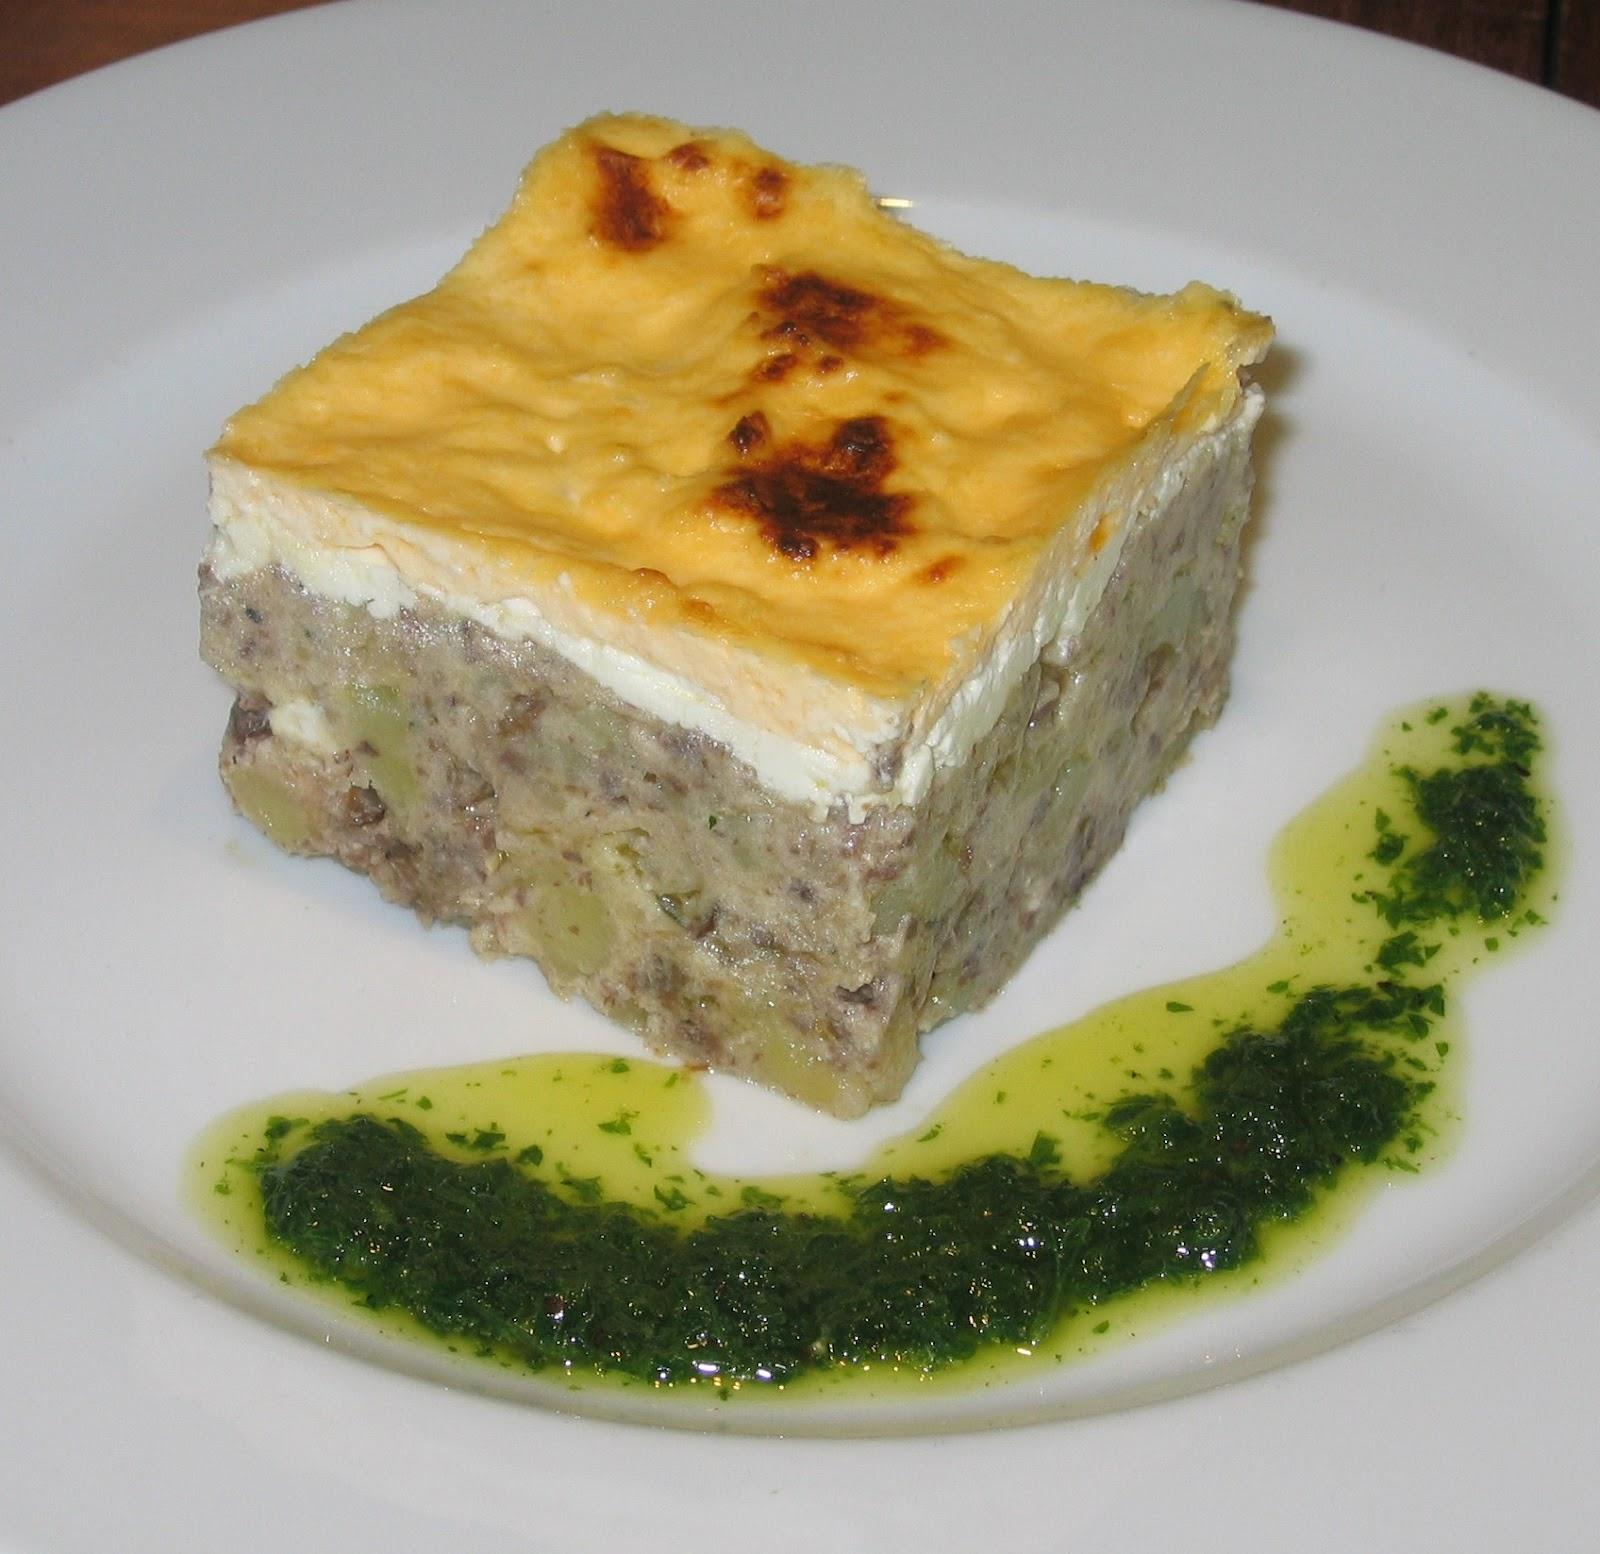 Soapte culinare: Petatou: aperitiv cu masline si cartofi